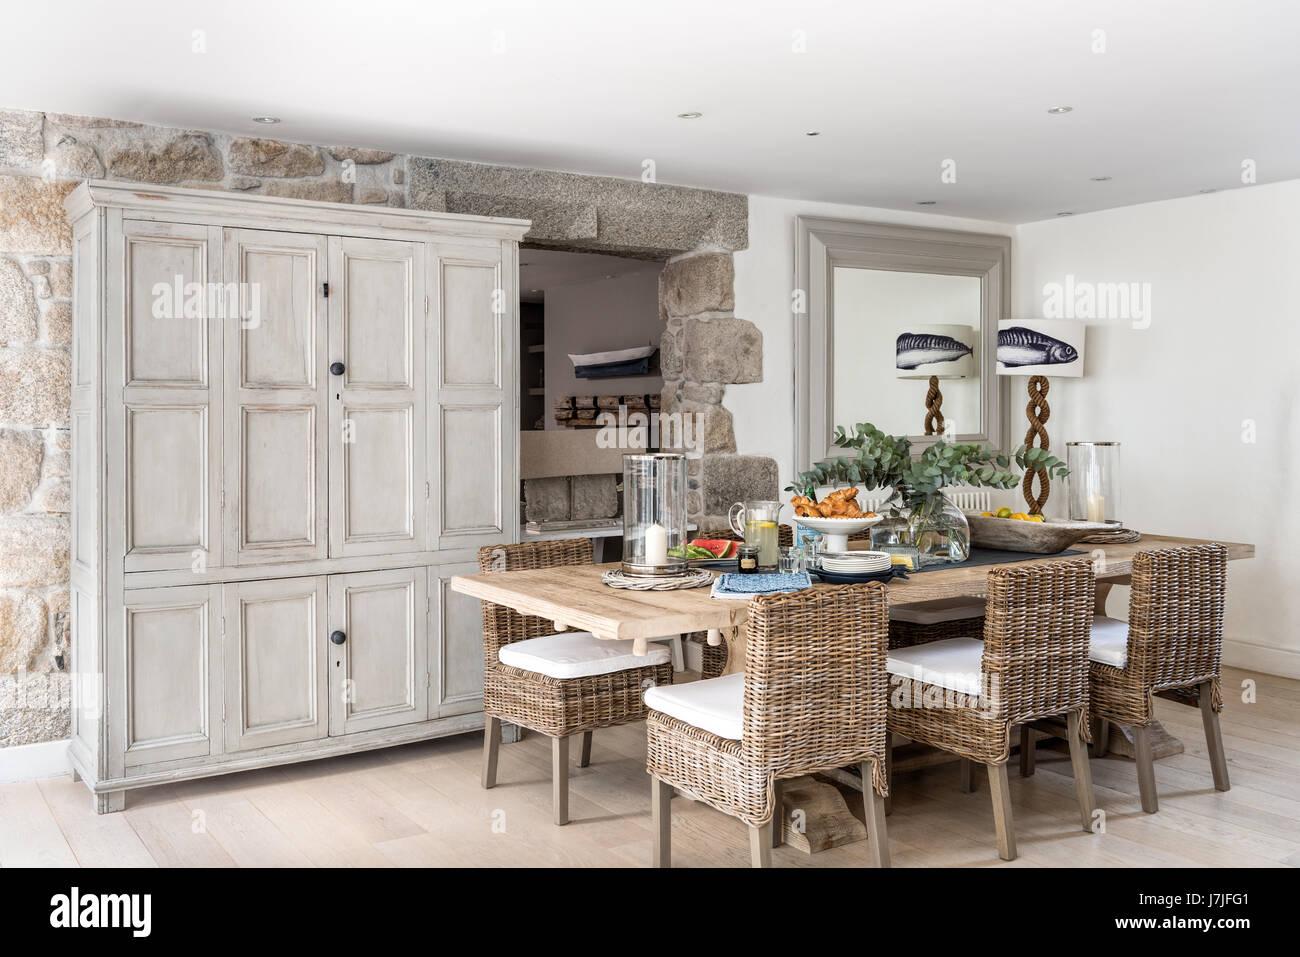 Spaziosa cucina con sala da pranzo rattan sedie e armadio antico ...